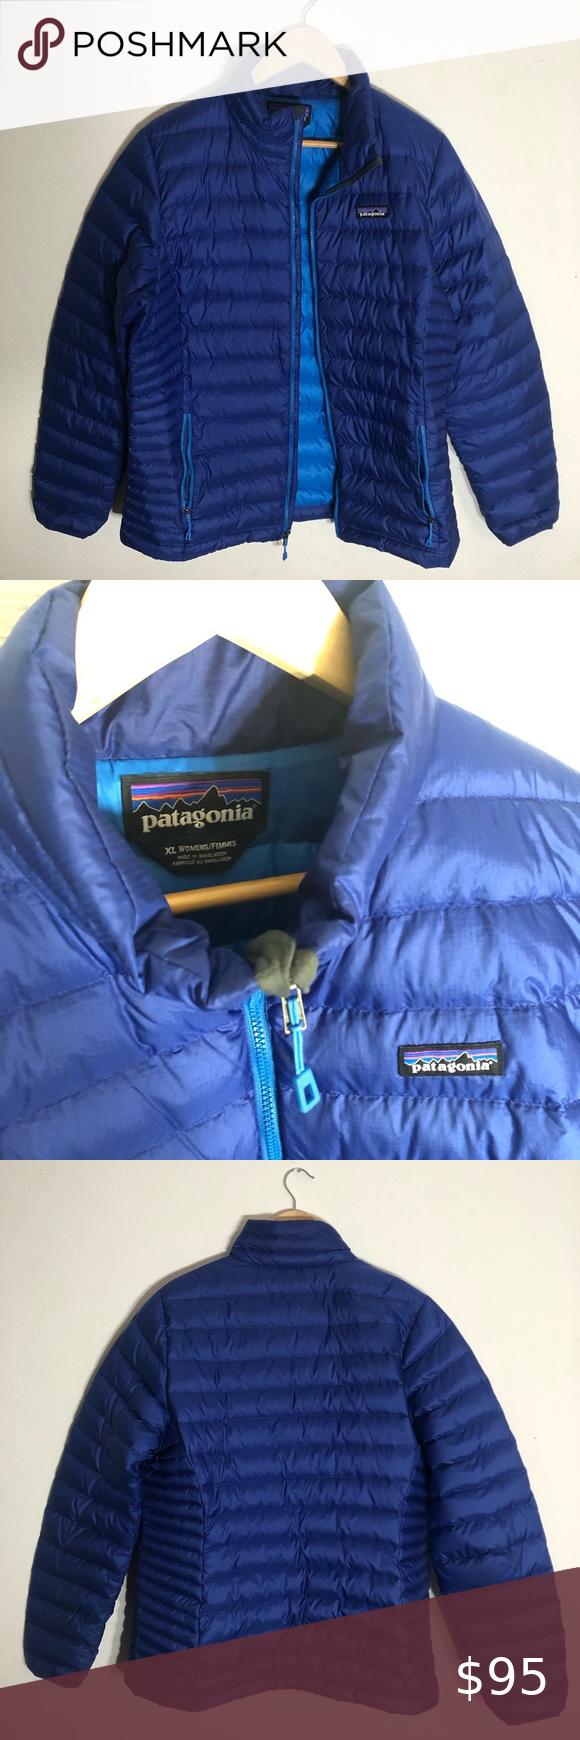 Patagonia Puffer Full Zip Jacket Size Xl Royal Blue Jacket Zip Jackets Jackets [ 1740 x 580 Pixel ]